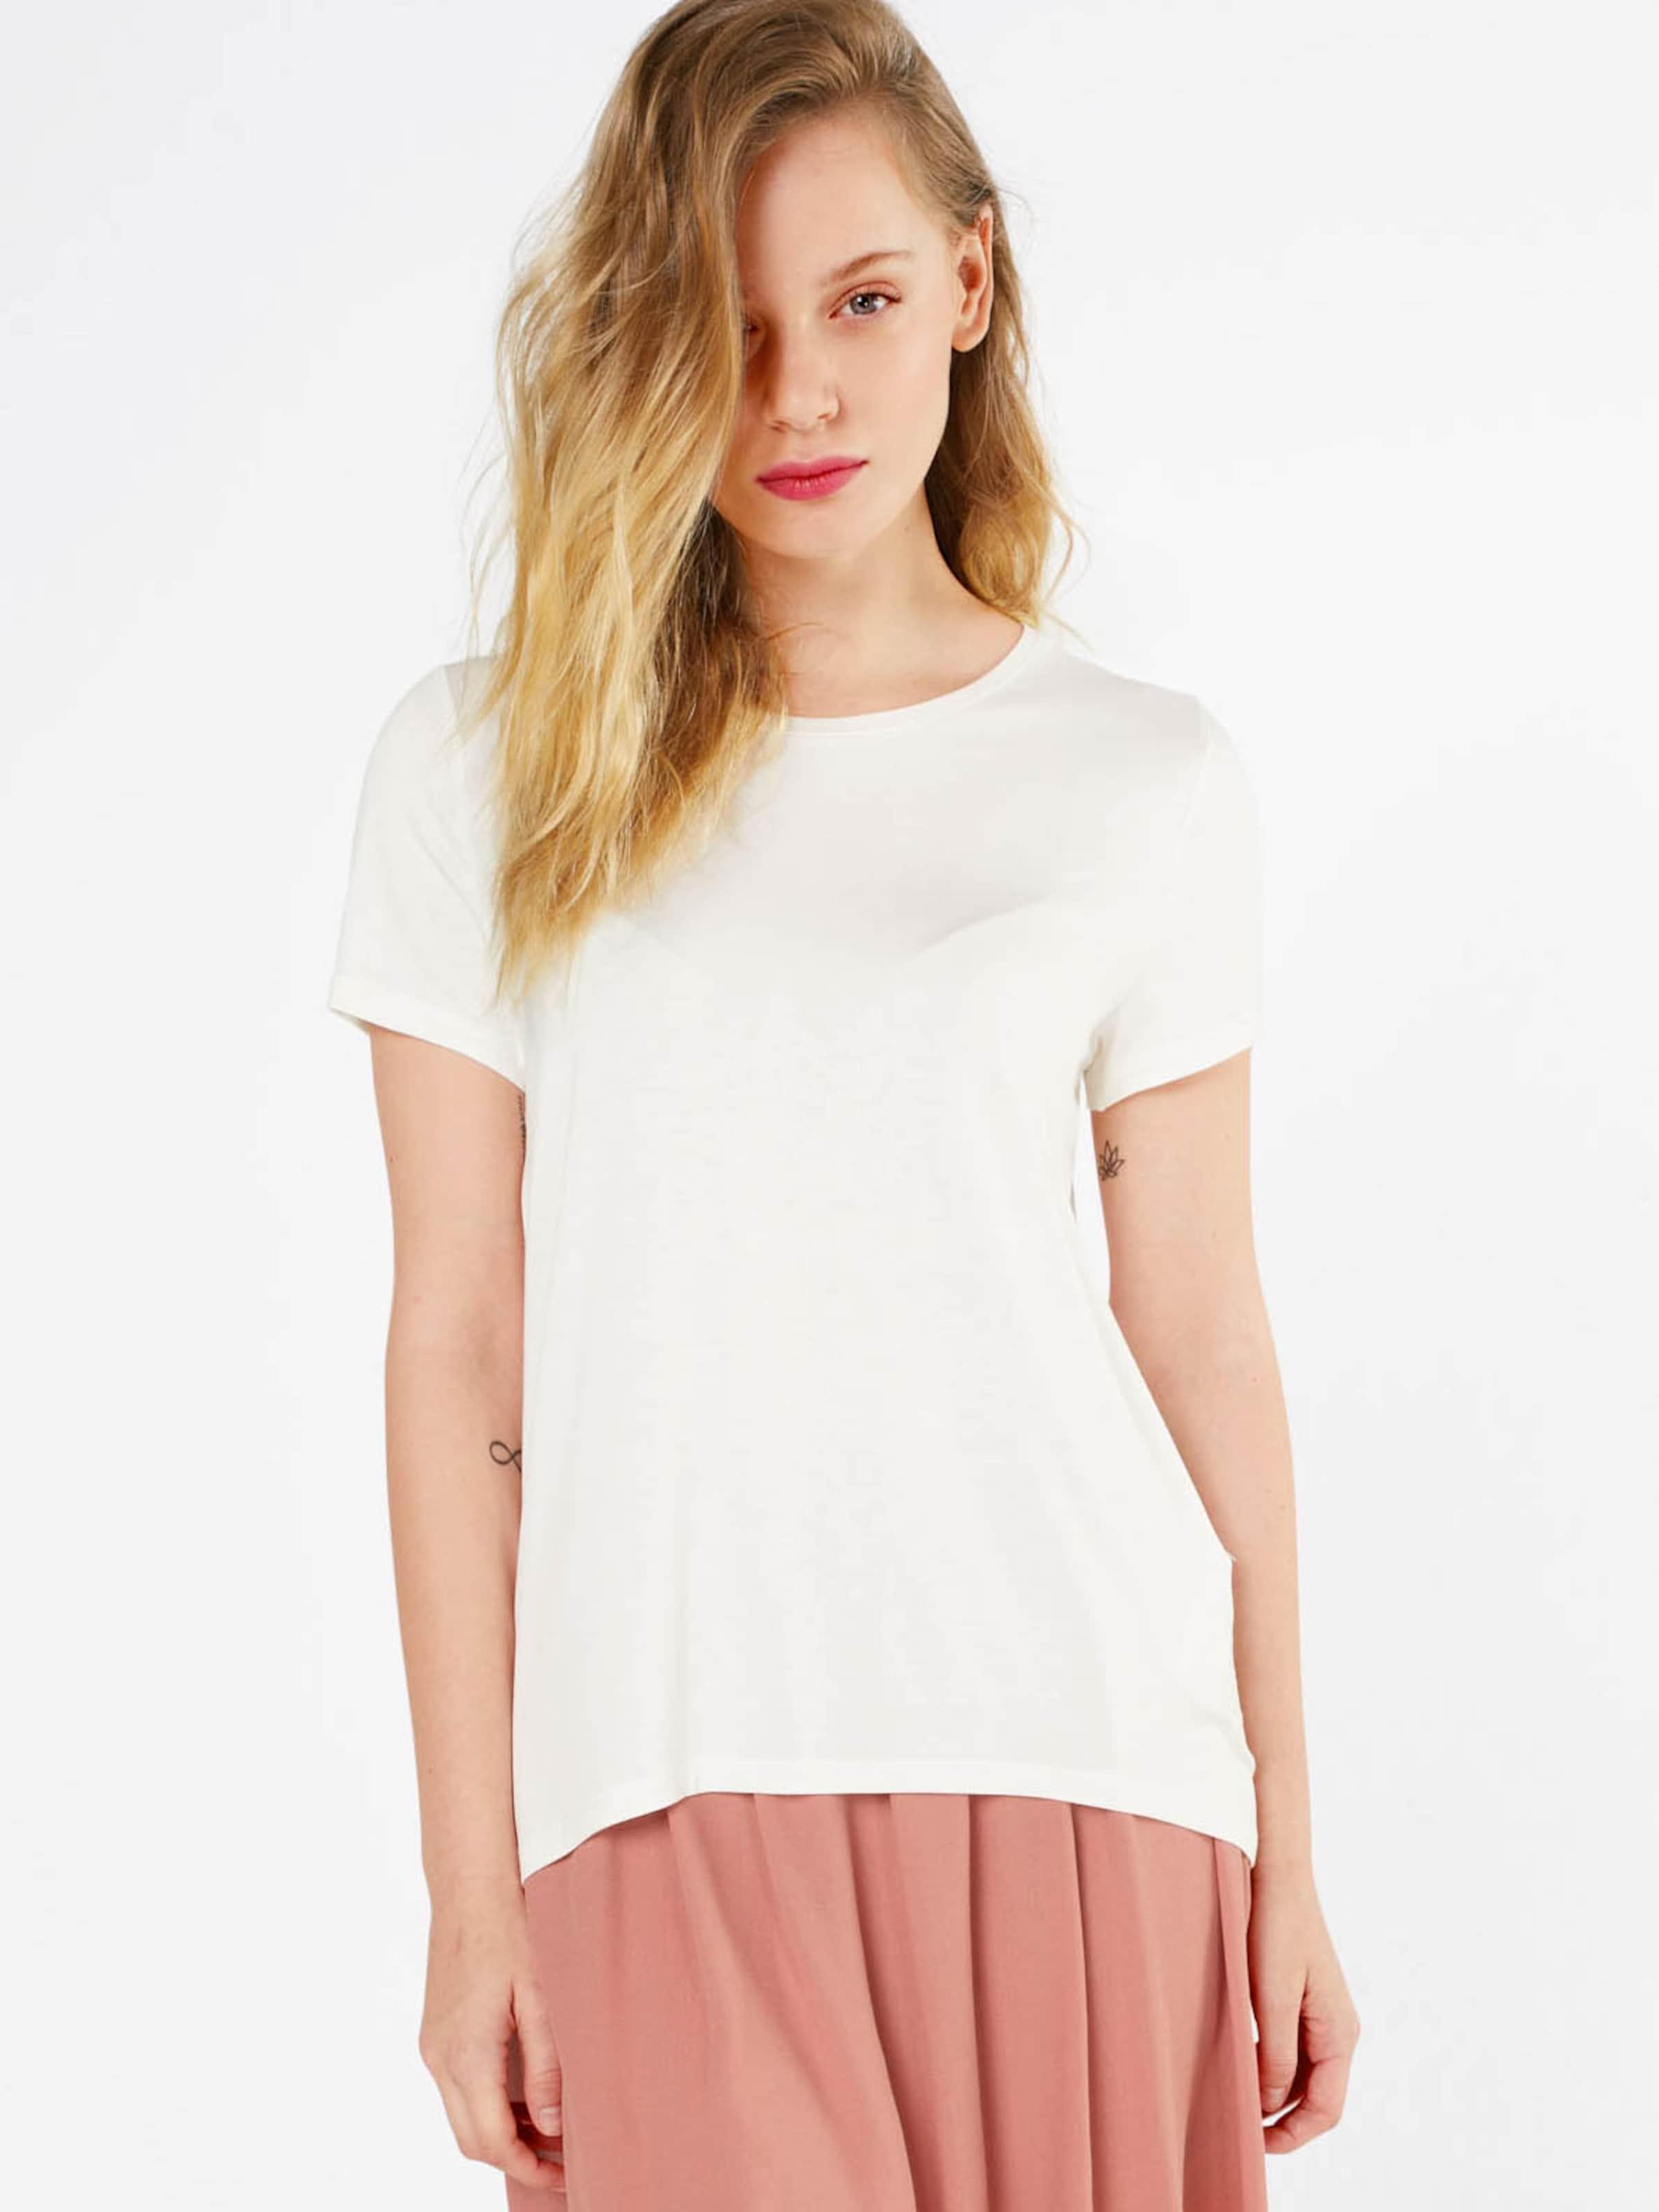 ONLY Shirt 'onlLOUISE' Outlet Besten Preise Shop Für Günstige Online Auslass 100% Original jwIzhWM3s